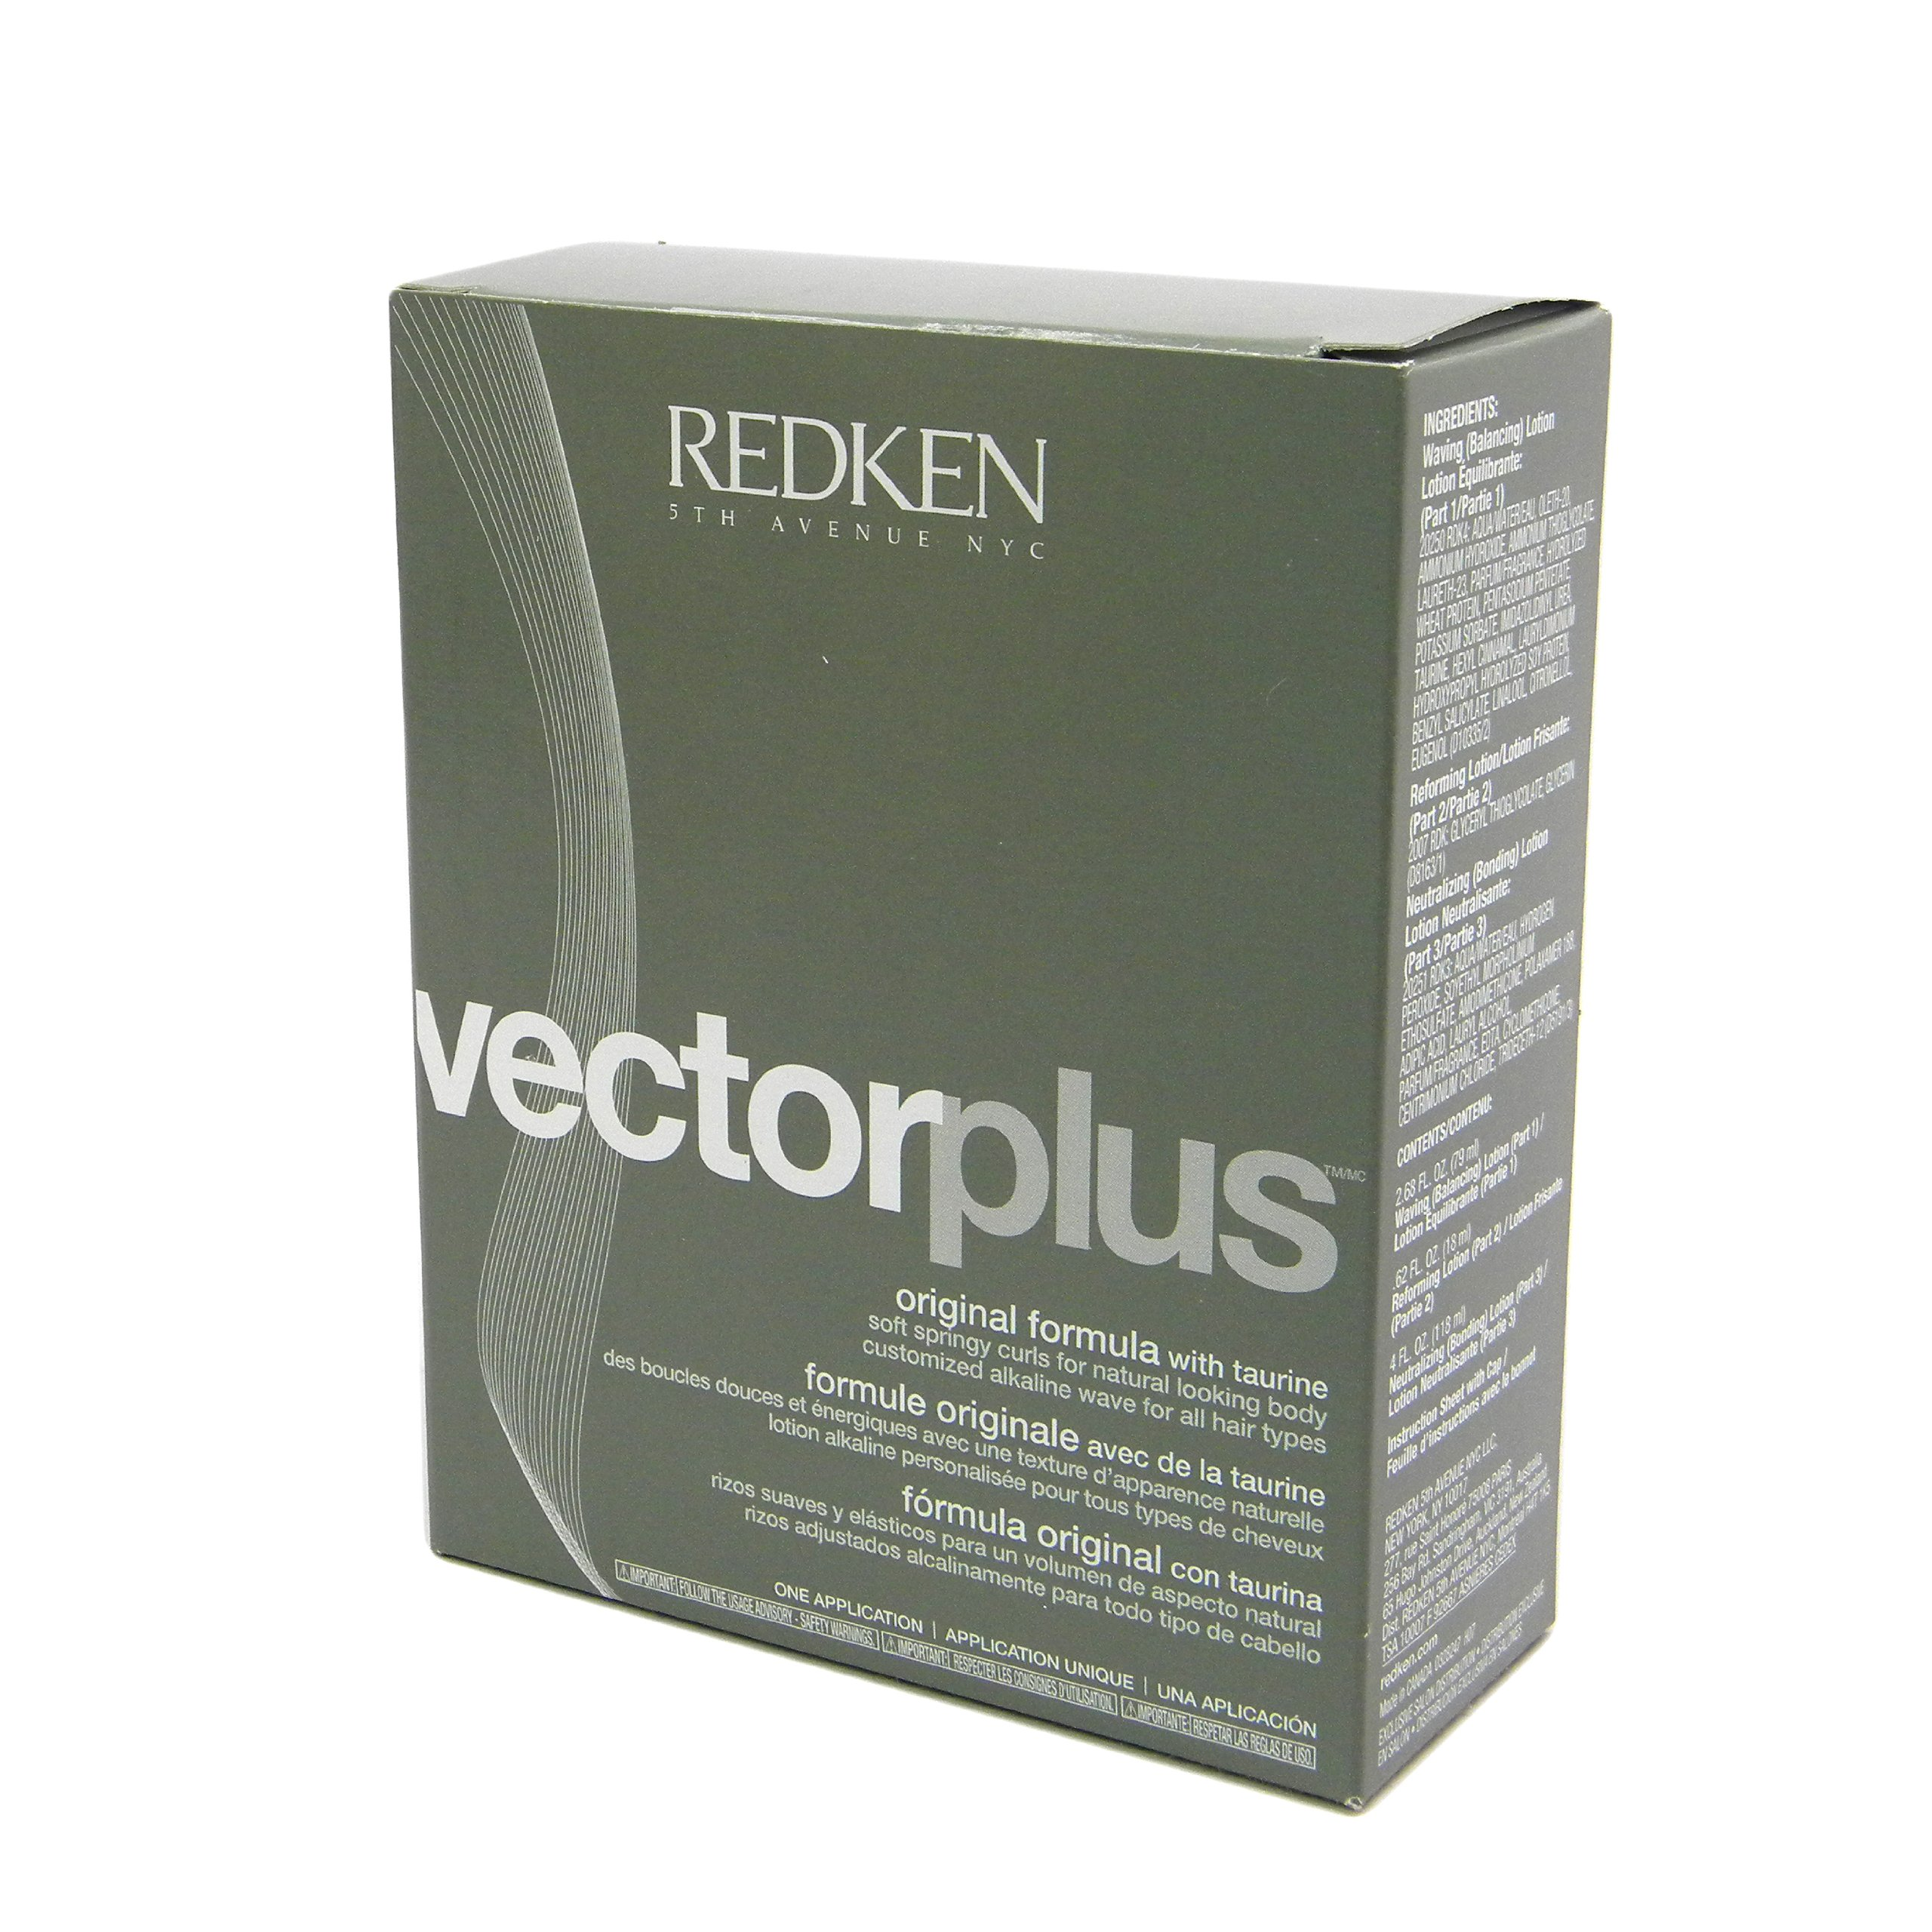 Redken Vector Plus Perm Kit